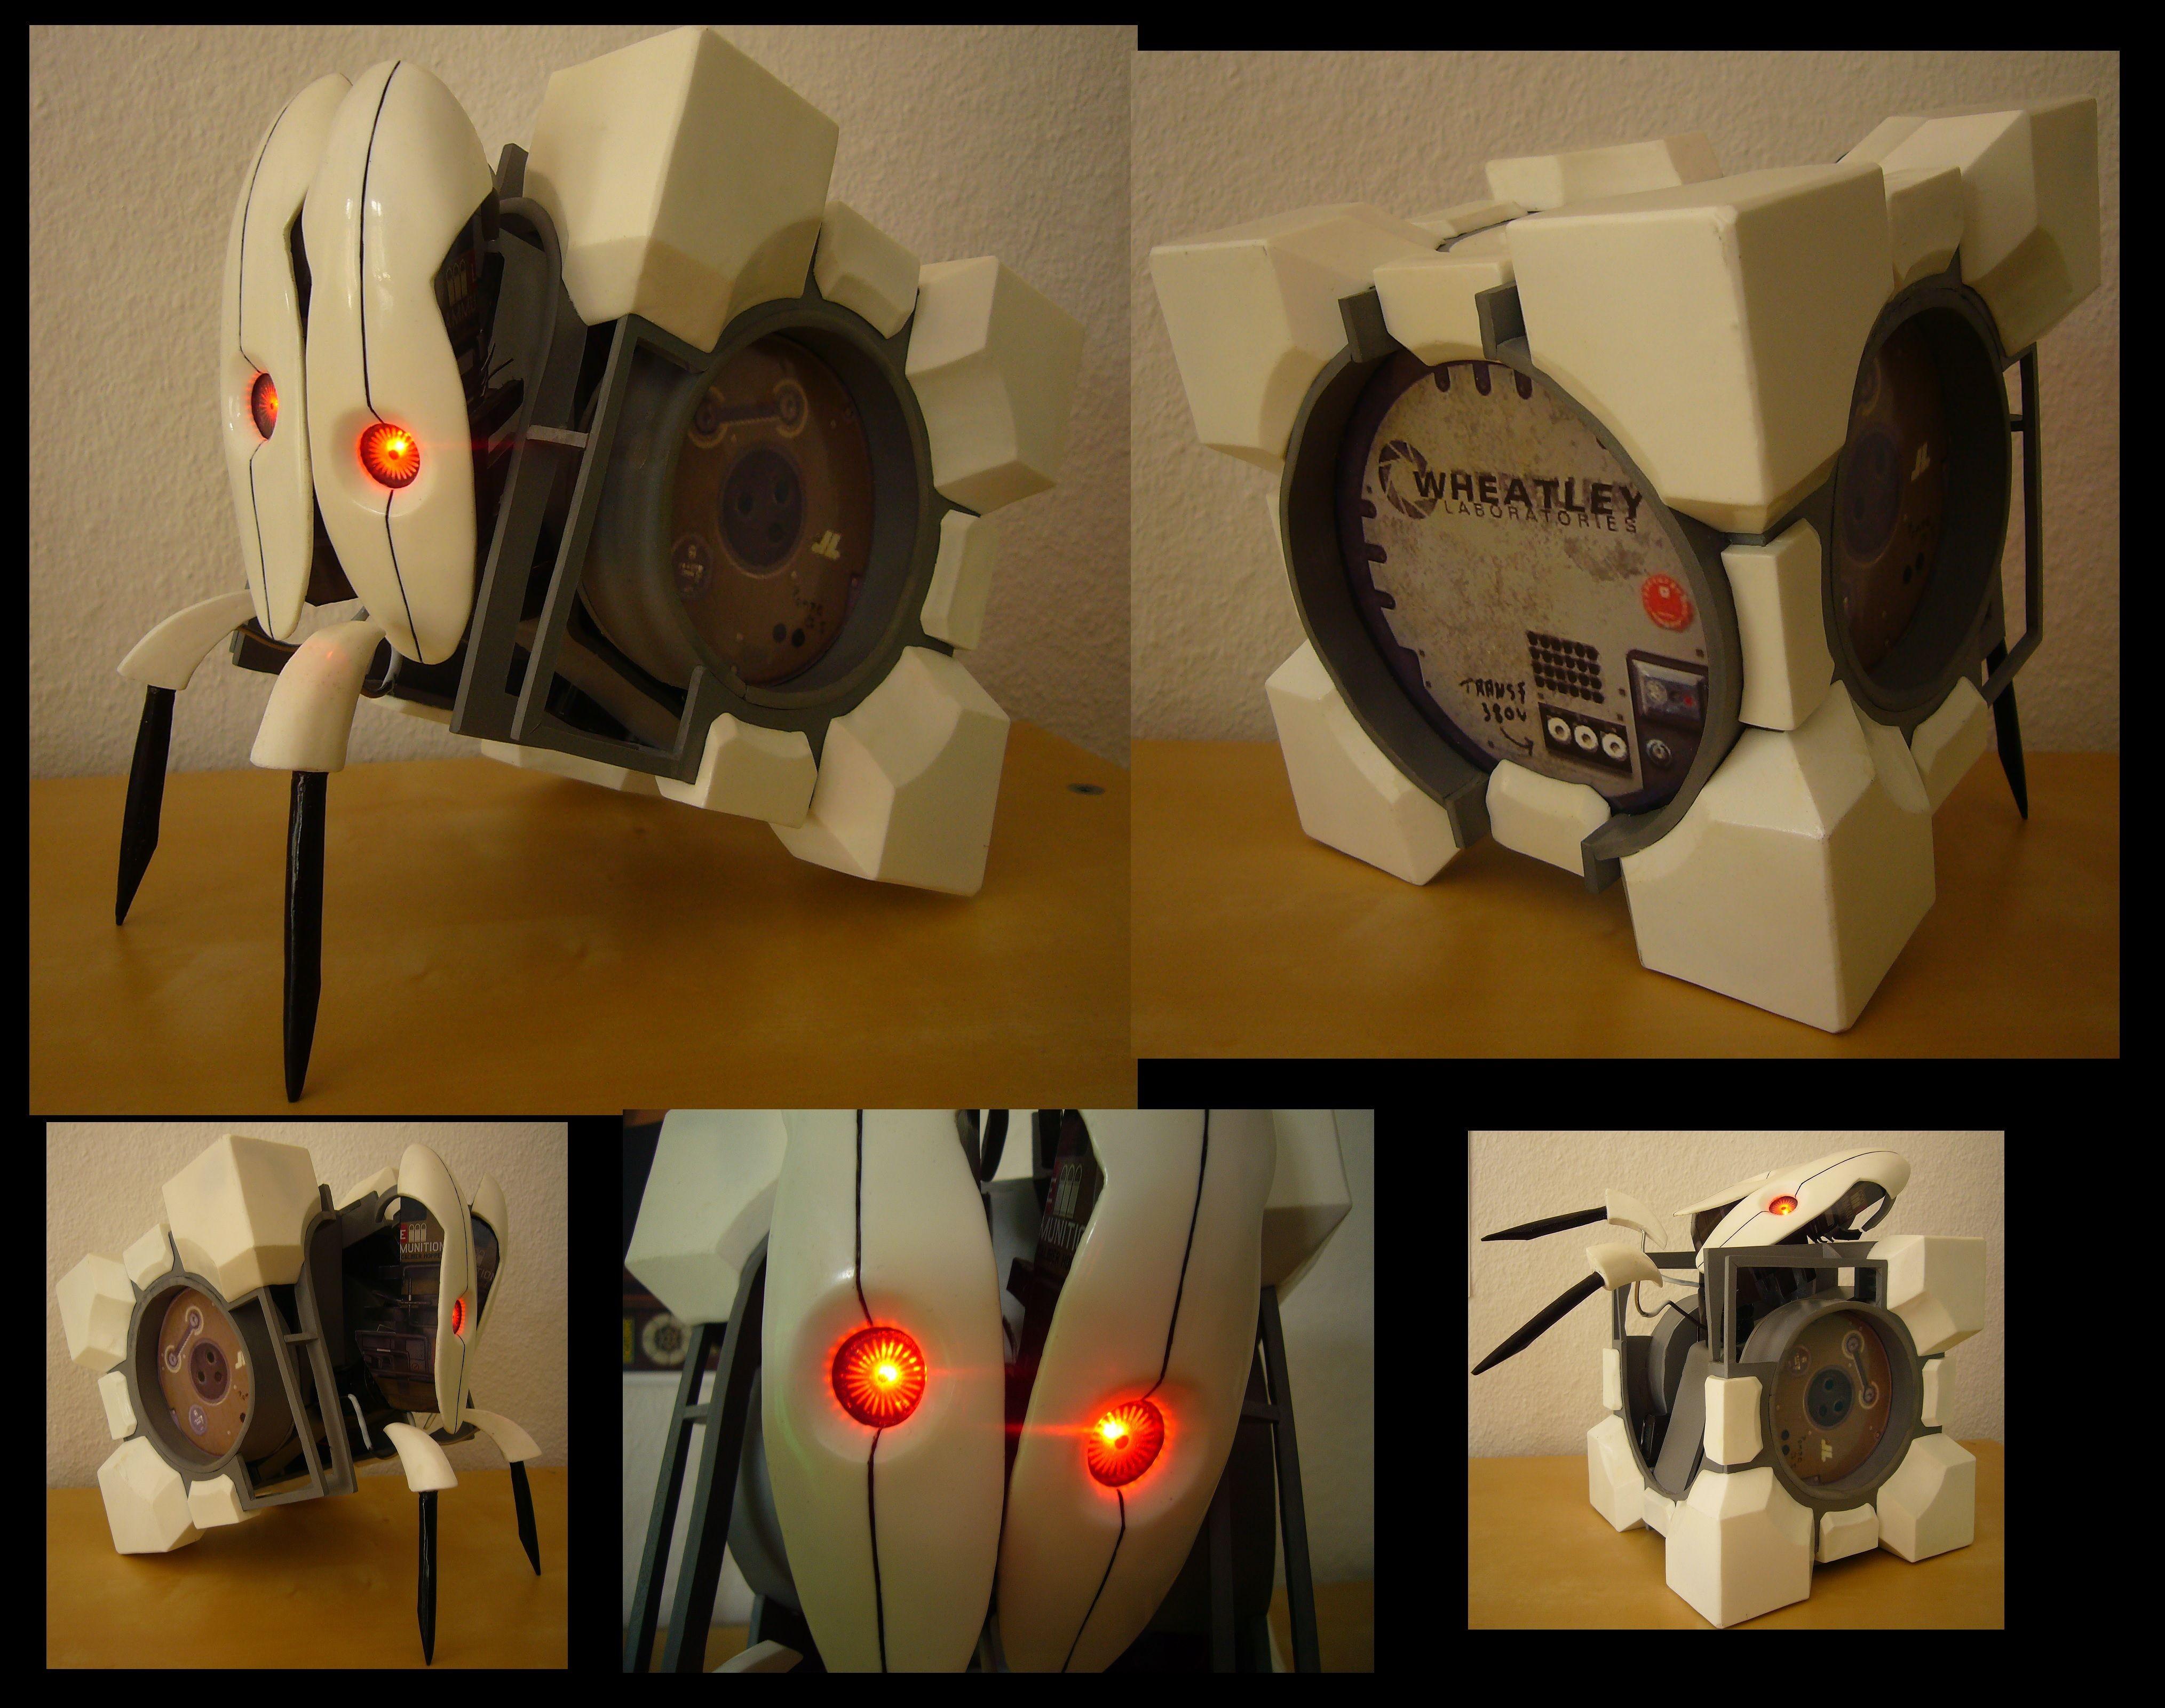 Companion Cube Papercraft Frankenturret Part Panion Cube Part Turret and Part Awesome